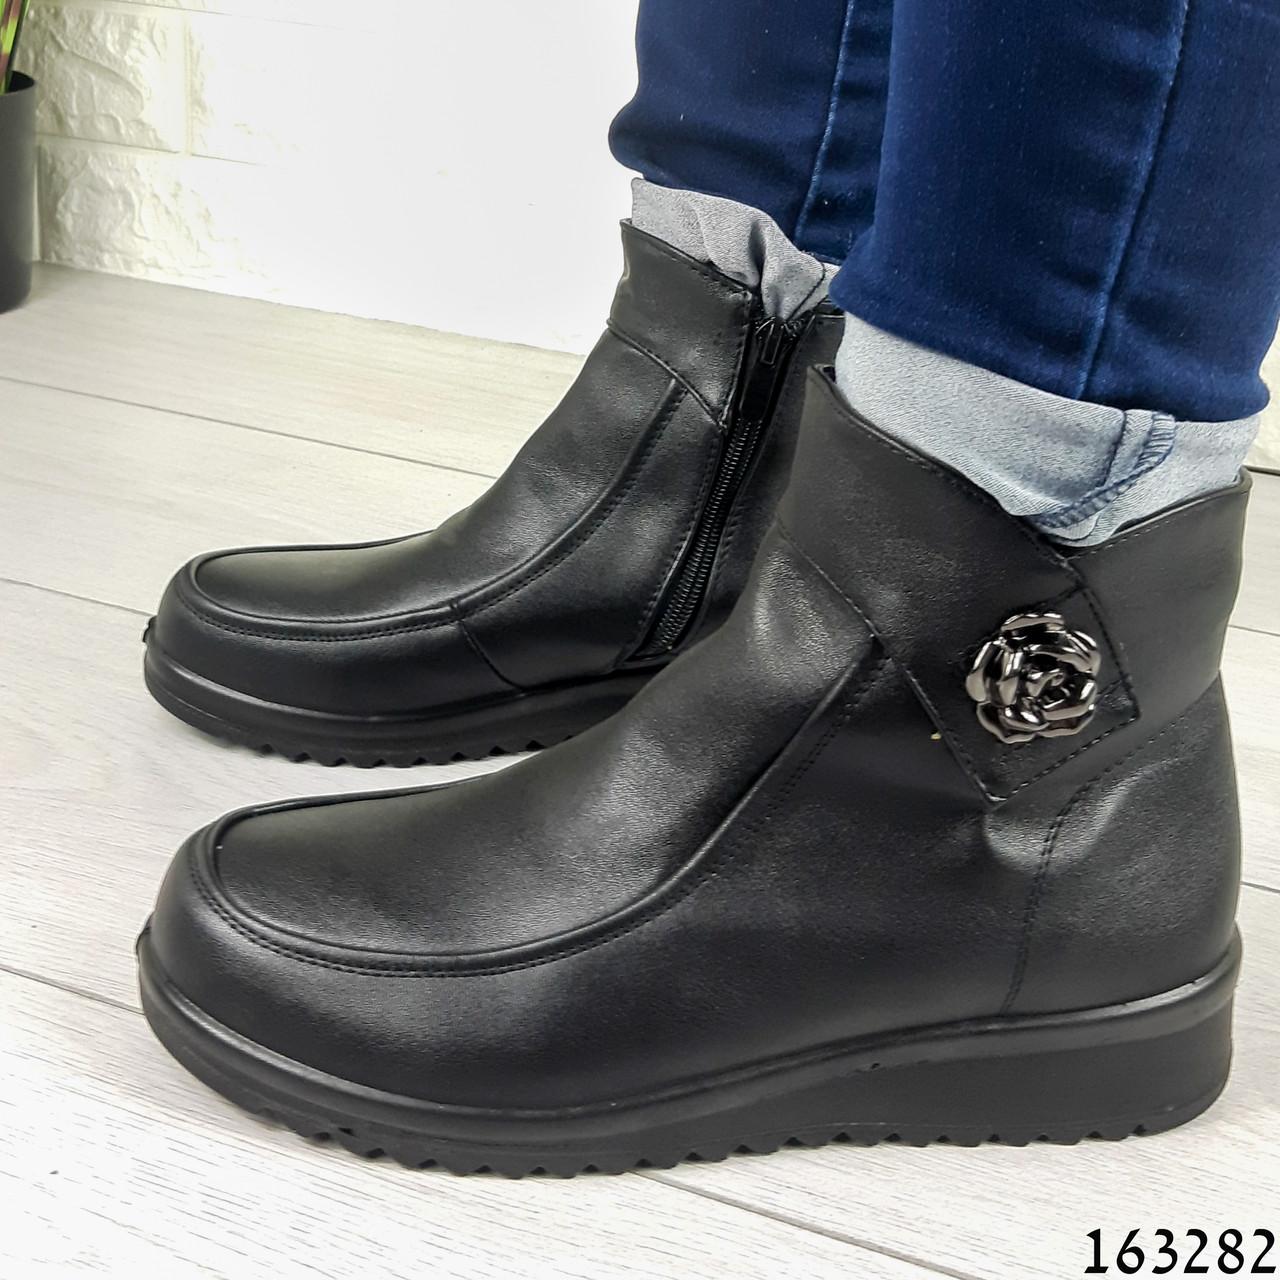 Жіночі черевики демісезонні чорні, з еко шкіри. Всередині текстильна підкладка